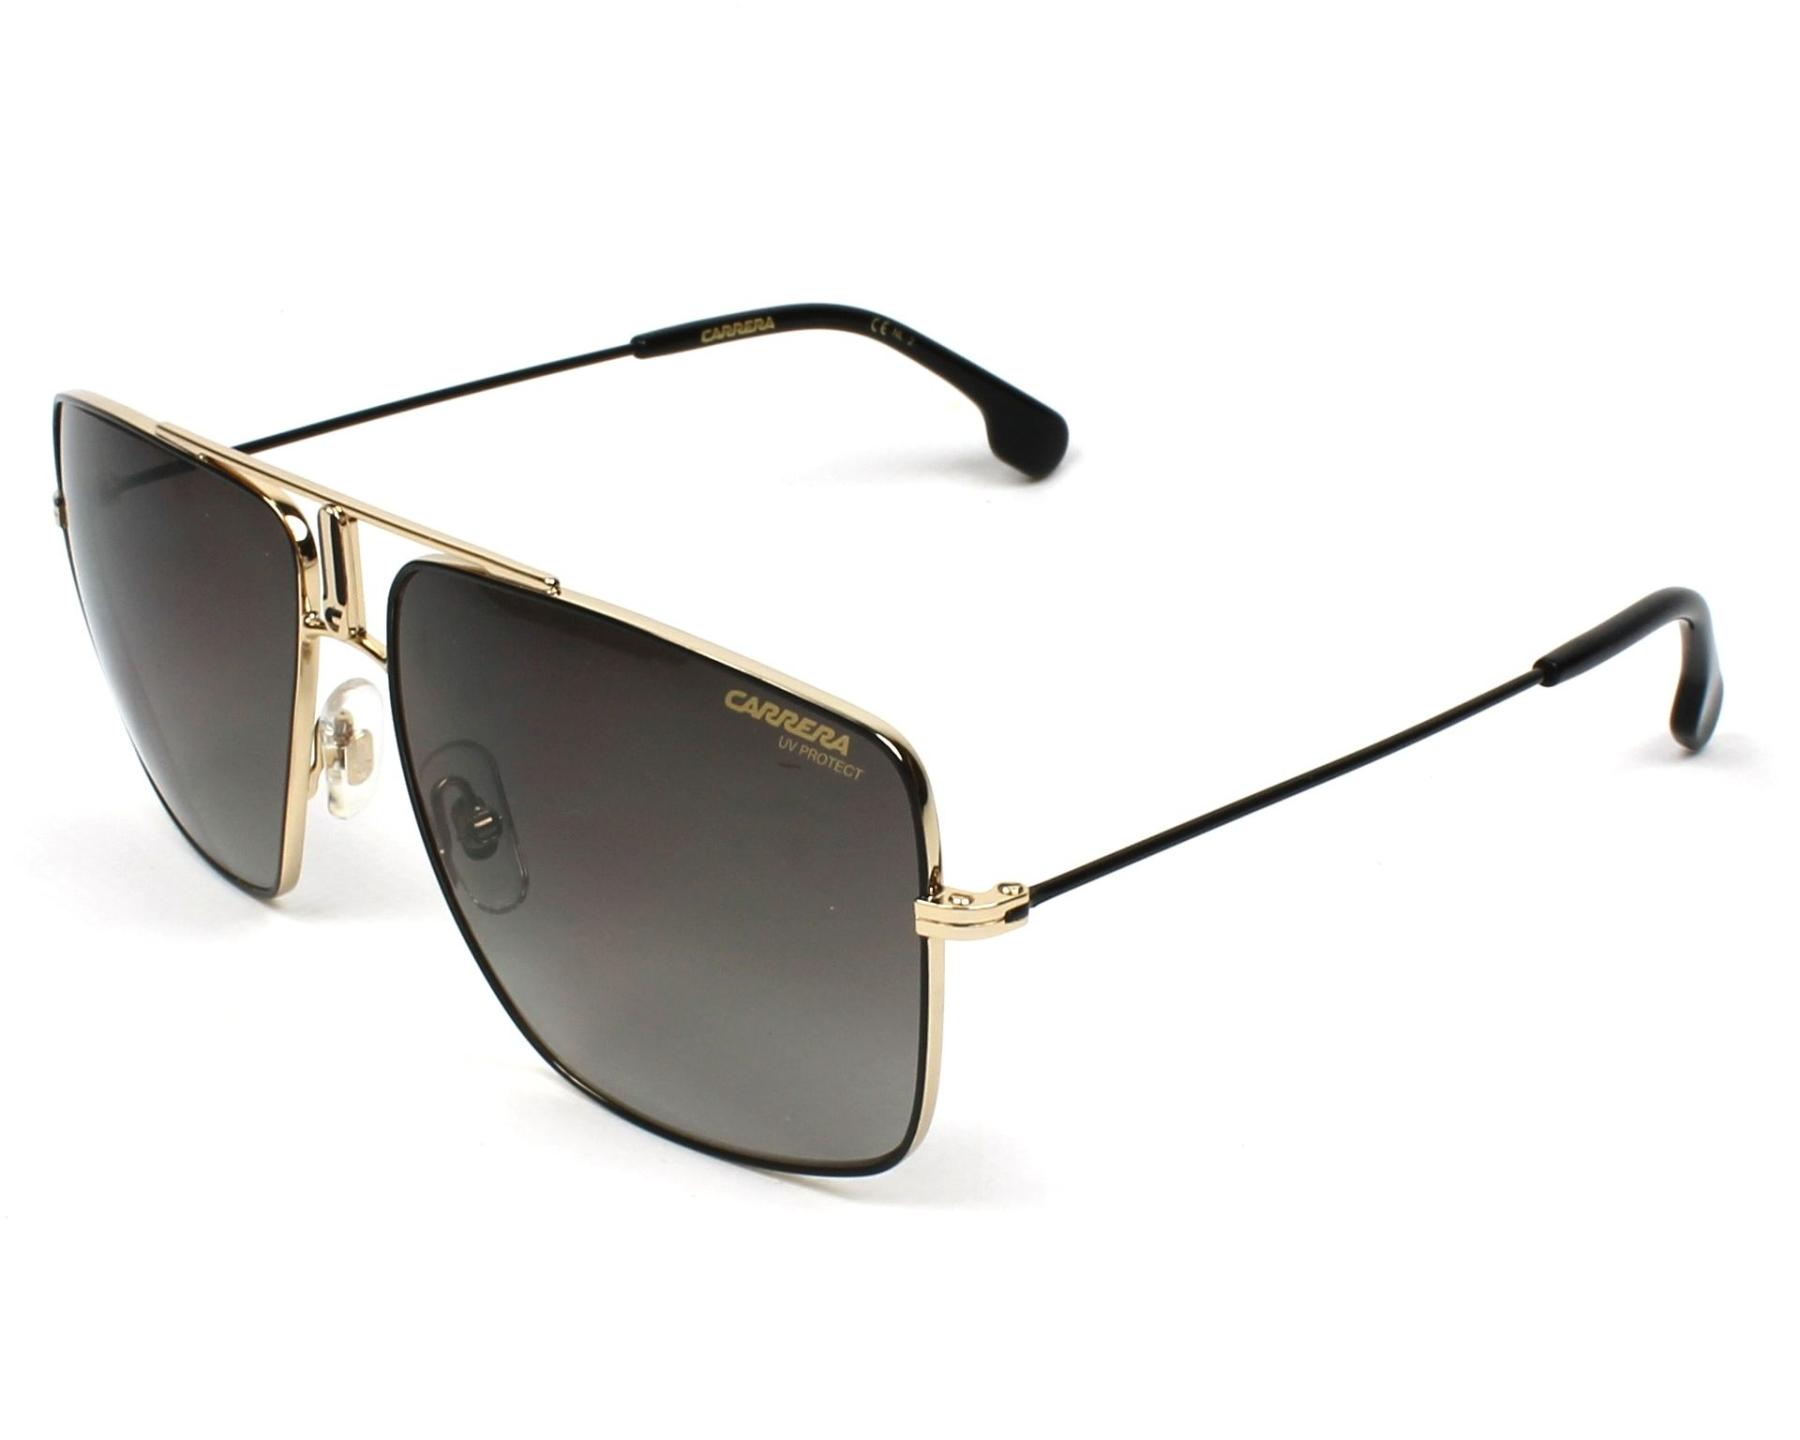 bc4560121954b5 Sunglasses Carrera 1006-S 2M2 HA 60-14 Black Gold profile view